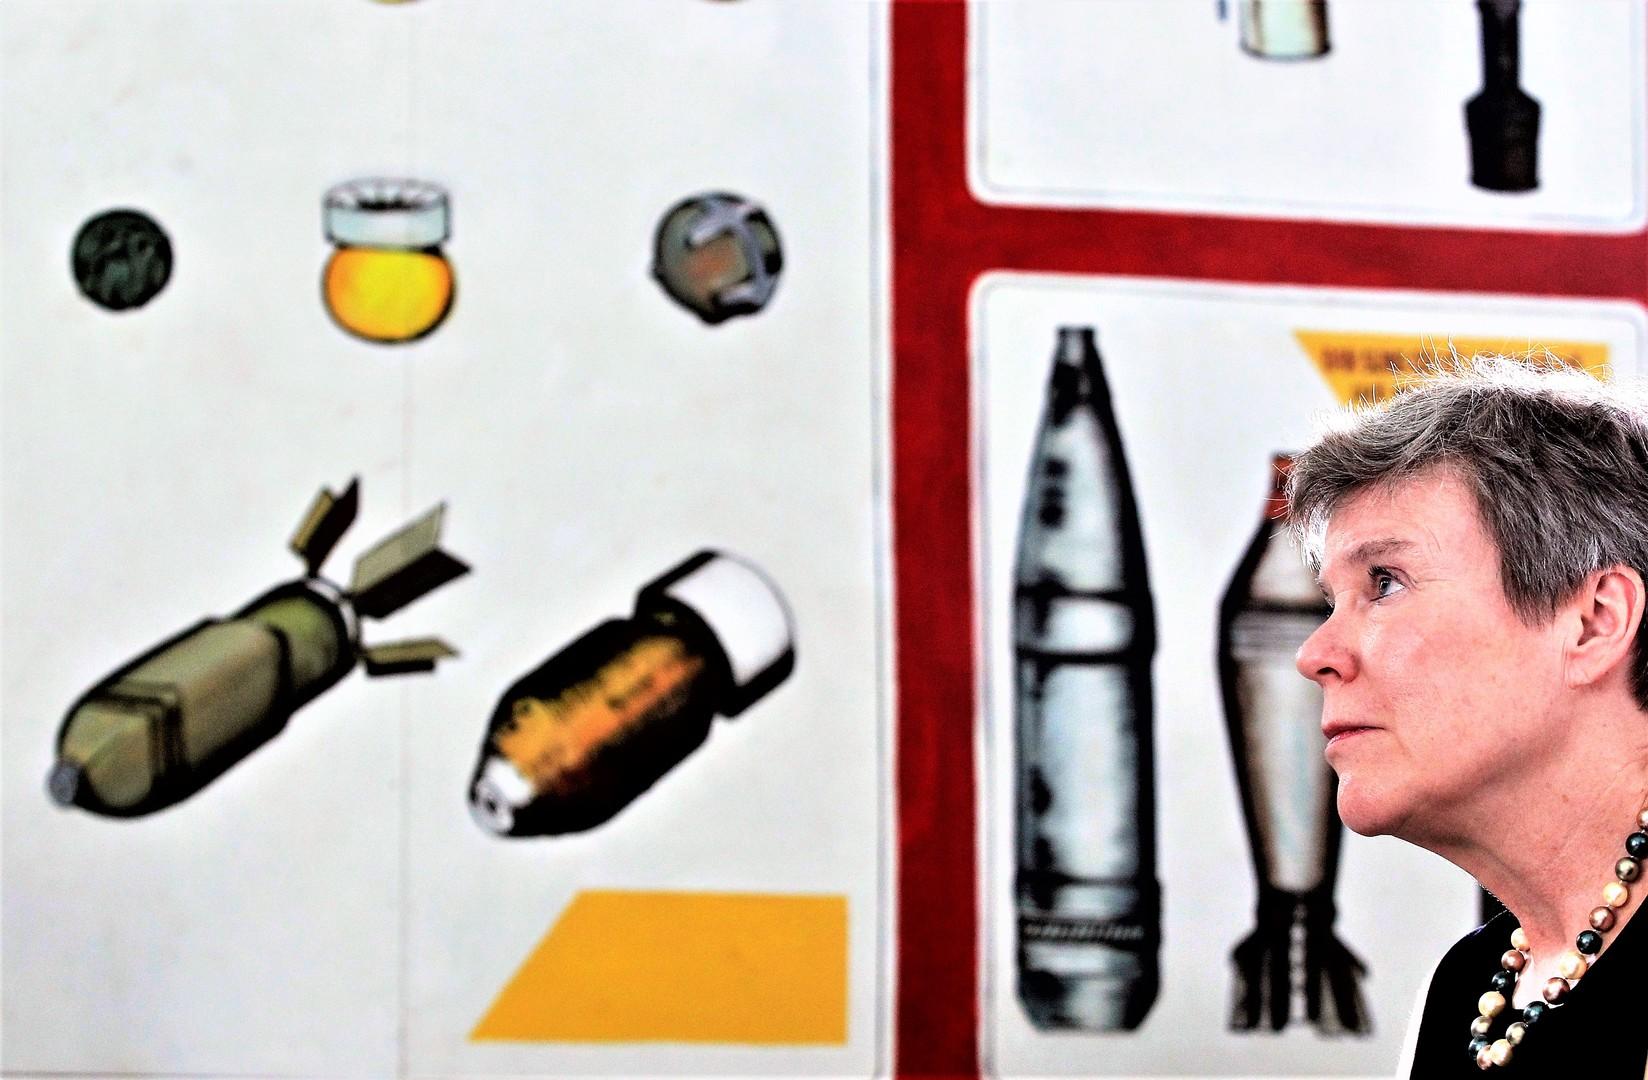 NATO-Vize Gottemoeller: Russisches Iskander-Raketensystem ist Bedrohung für Europa